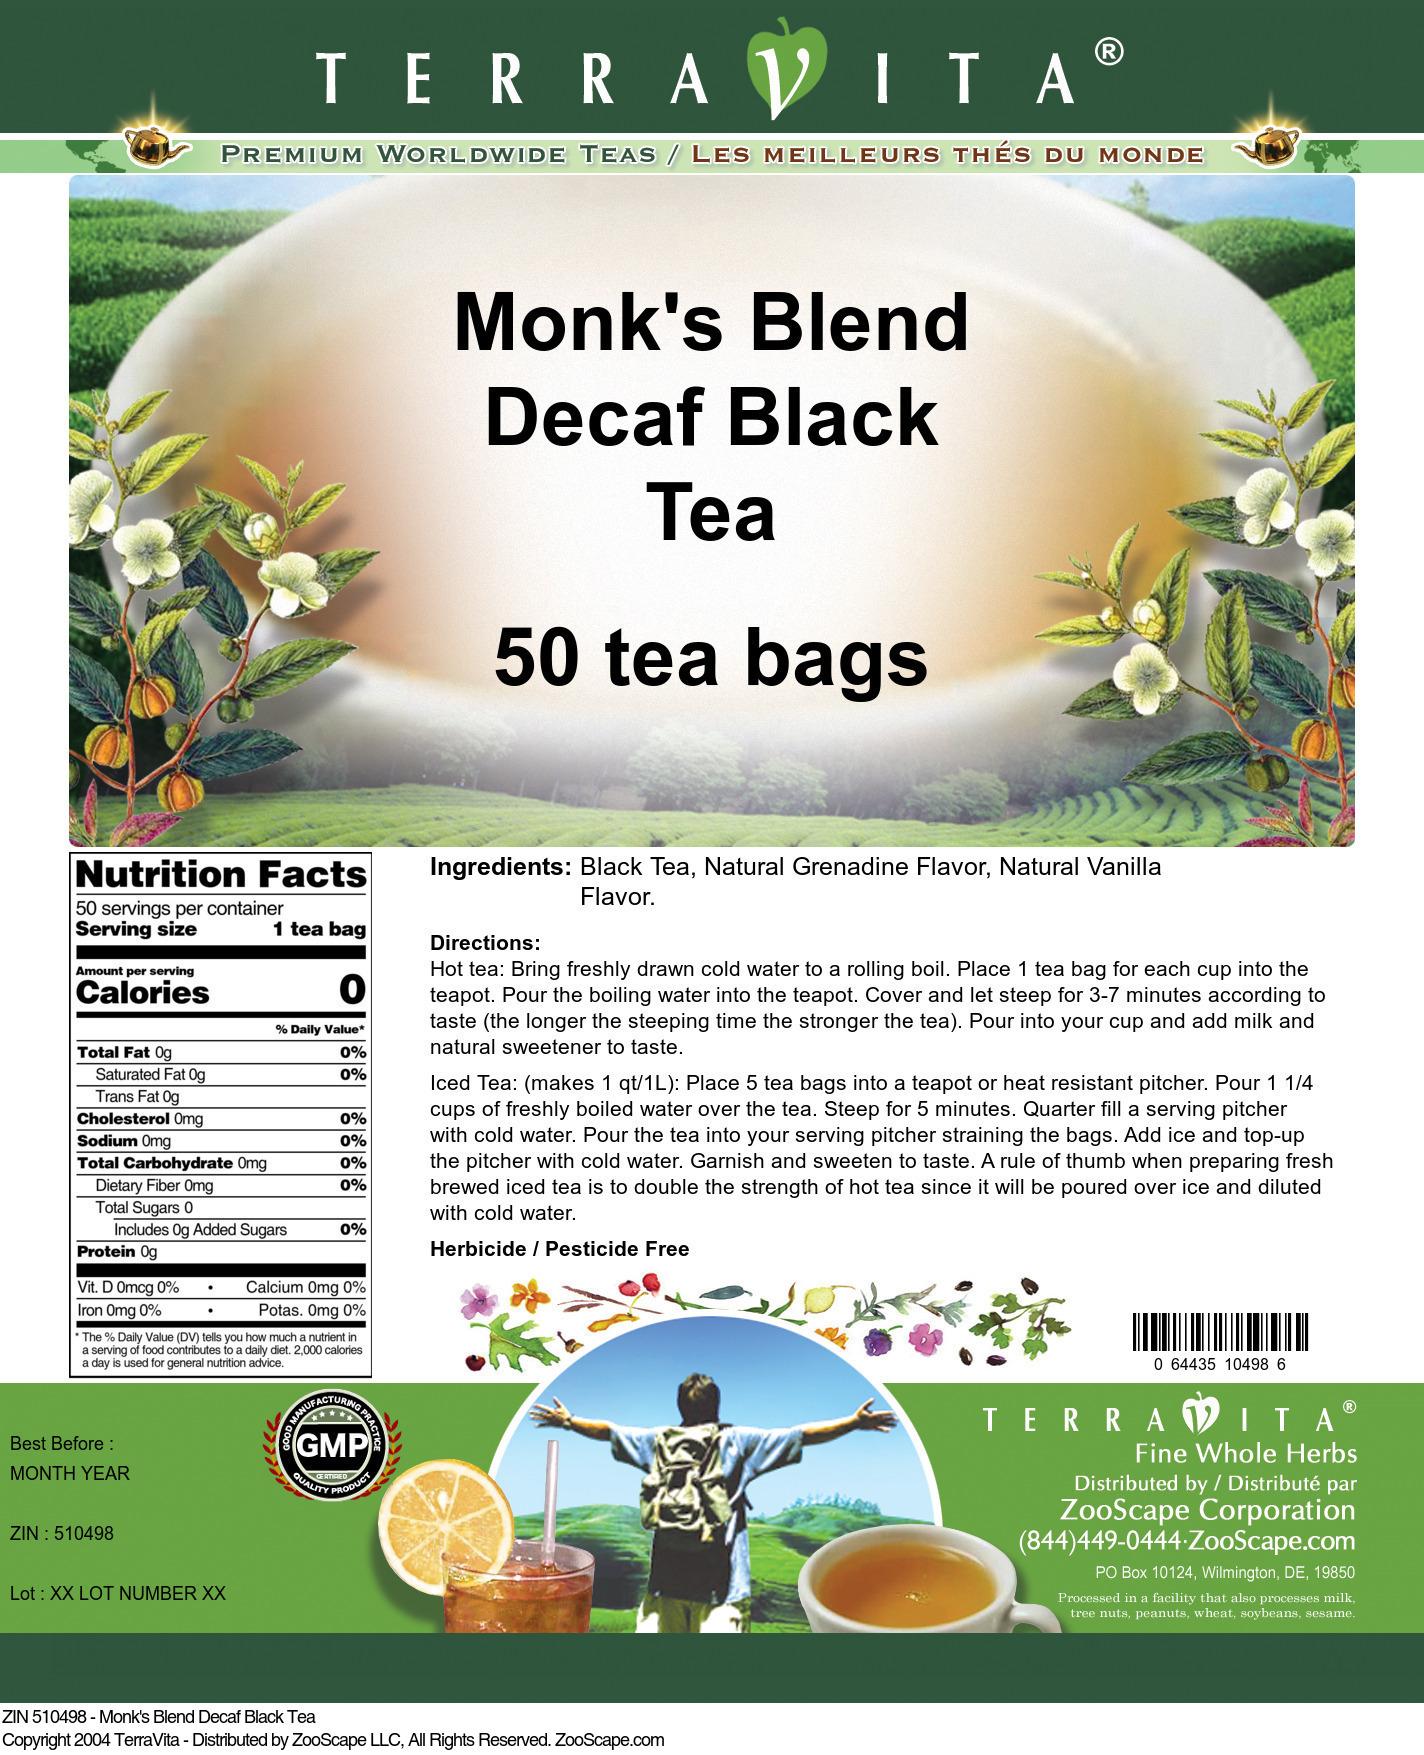 Monk's Blend Decaf Black Tea